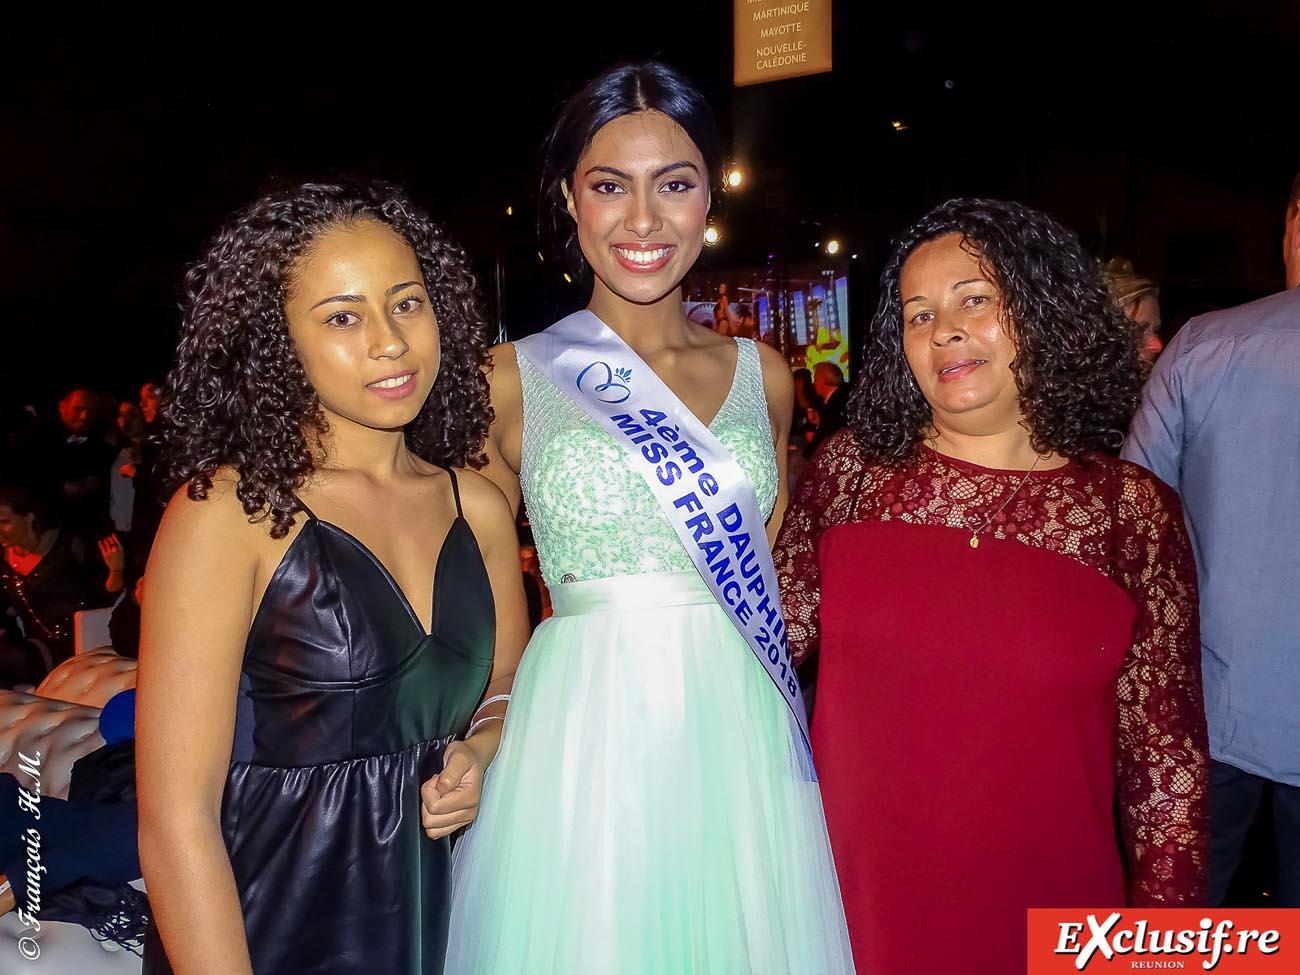 Miss Réunion avec les gagnantes du jeu Antenne Réunion, Fabrina et Carole Calteau